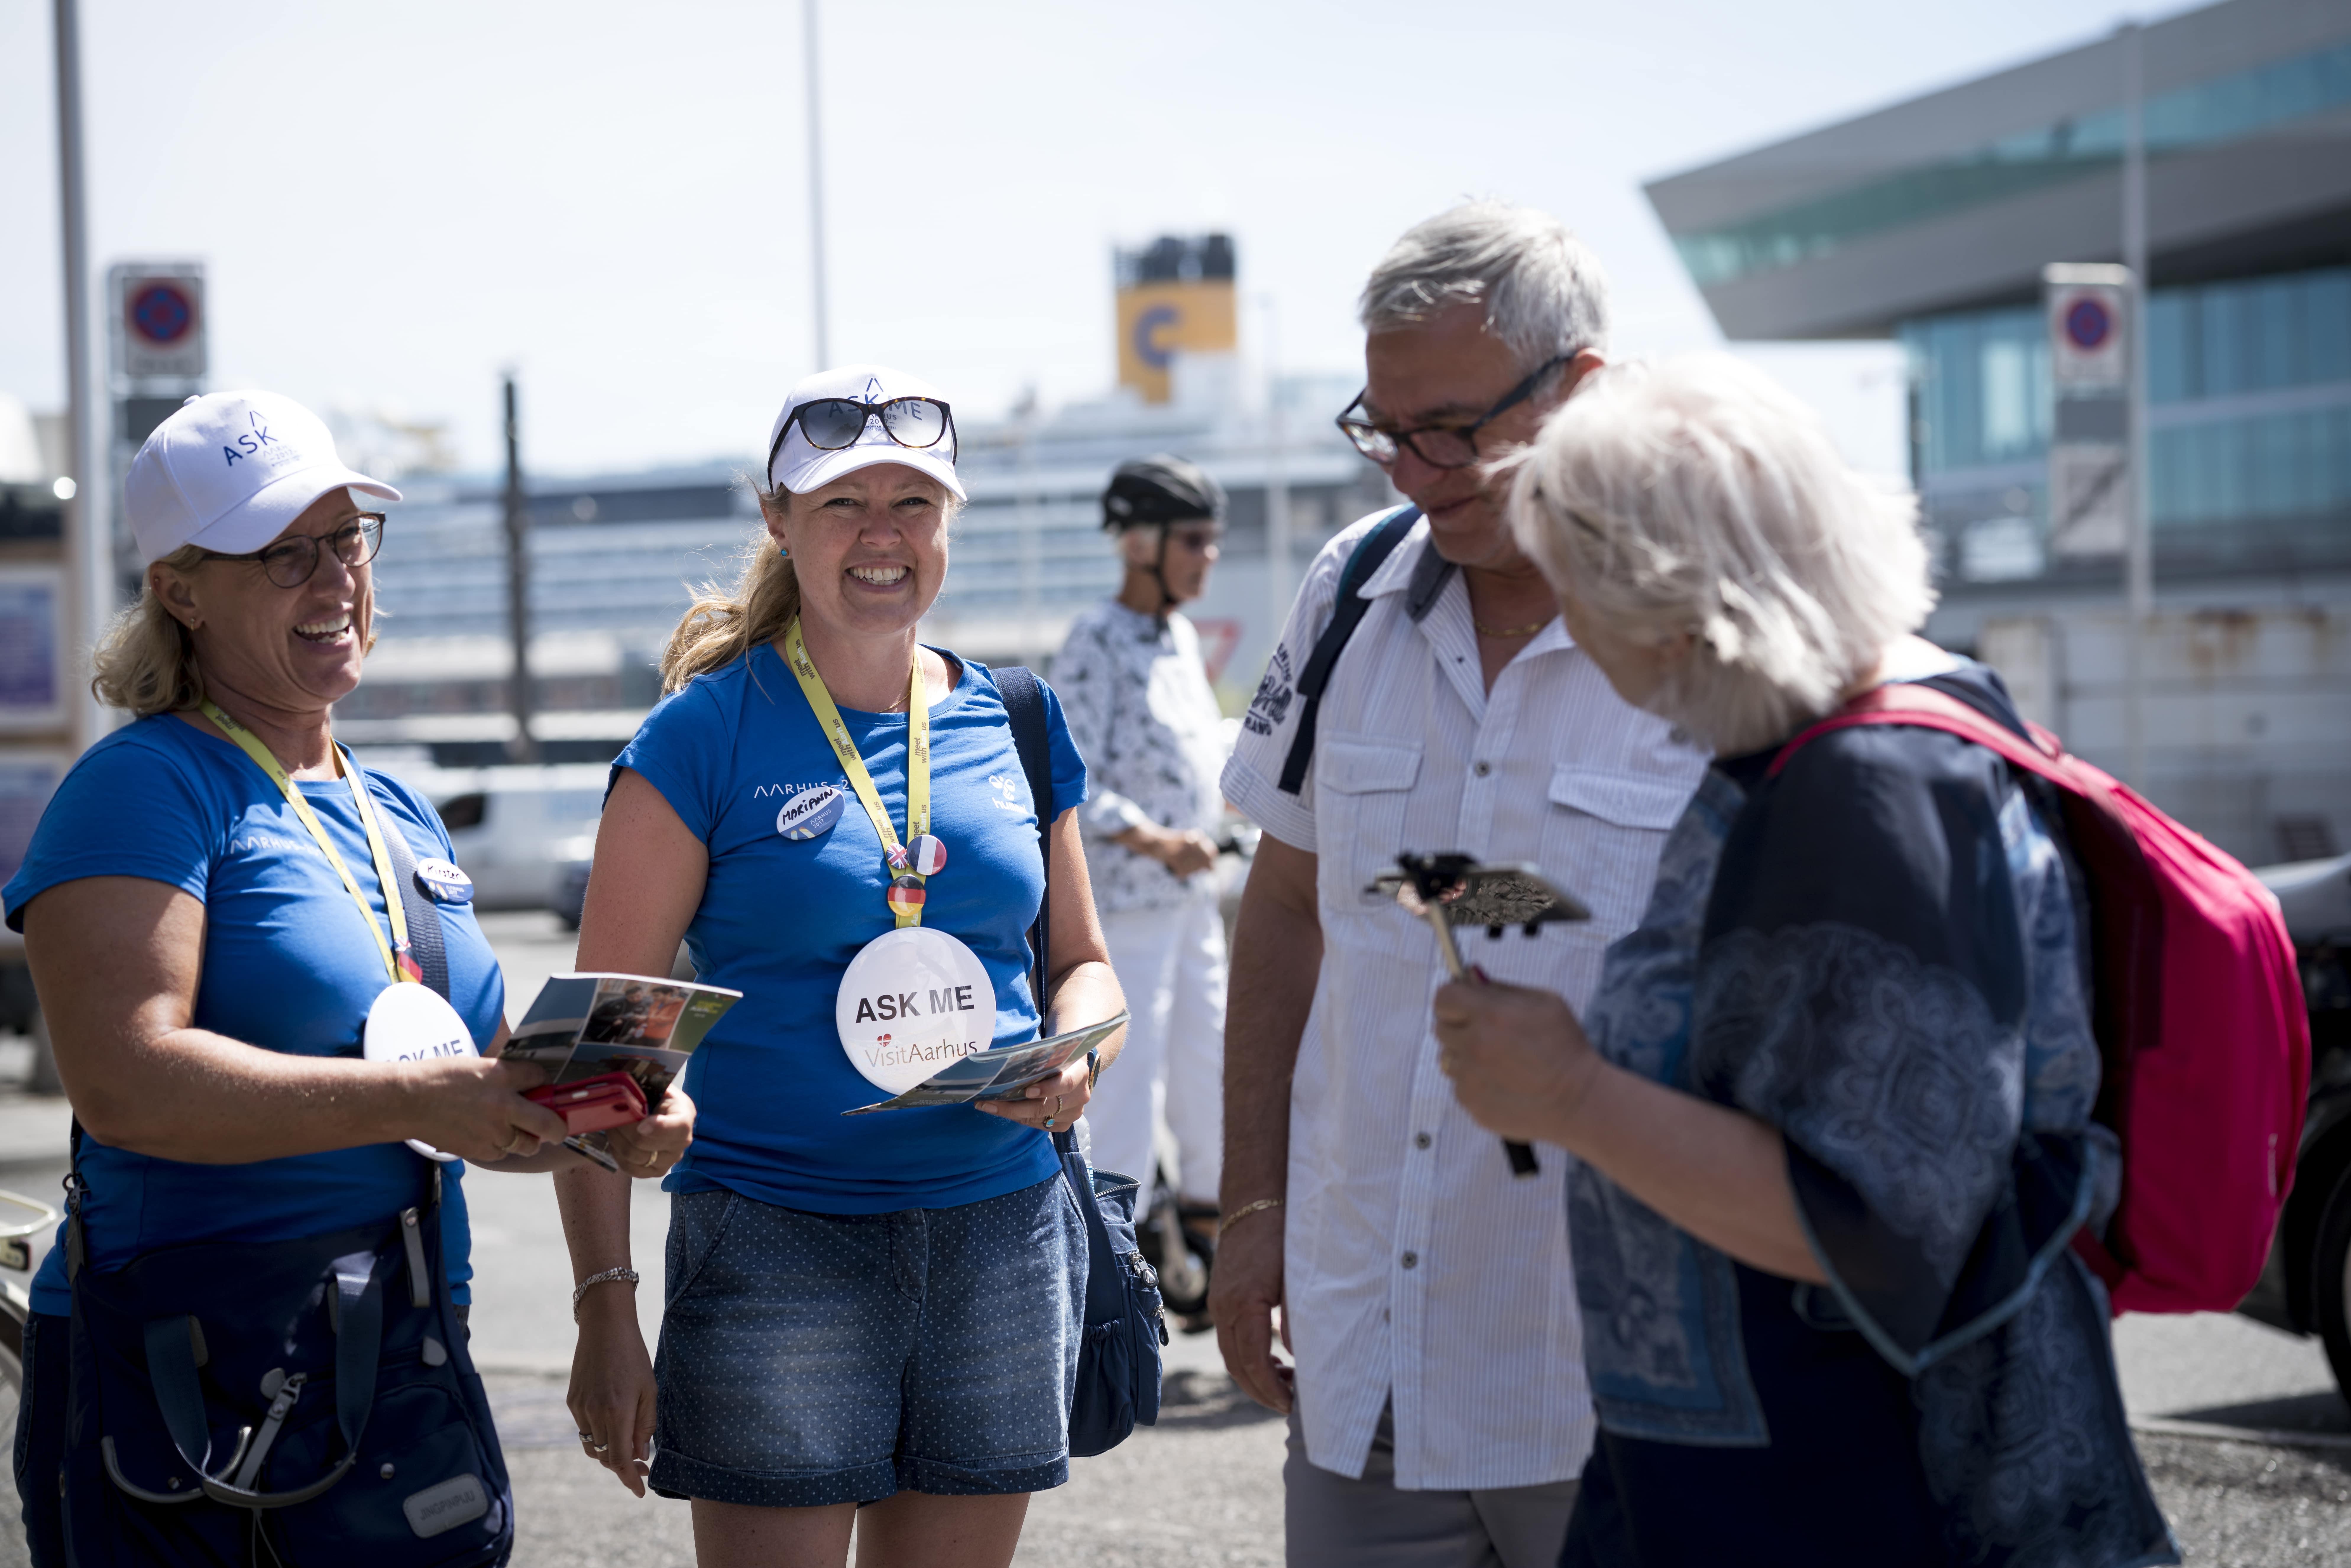 VisitAarhus har etableret et helt korps af frivillige, de såkaldte ReThinkers. (Foto: Per Bille/Visit Aarhus)